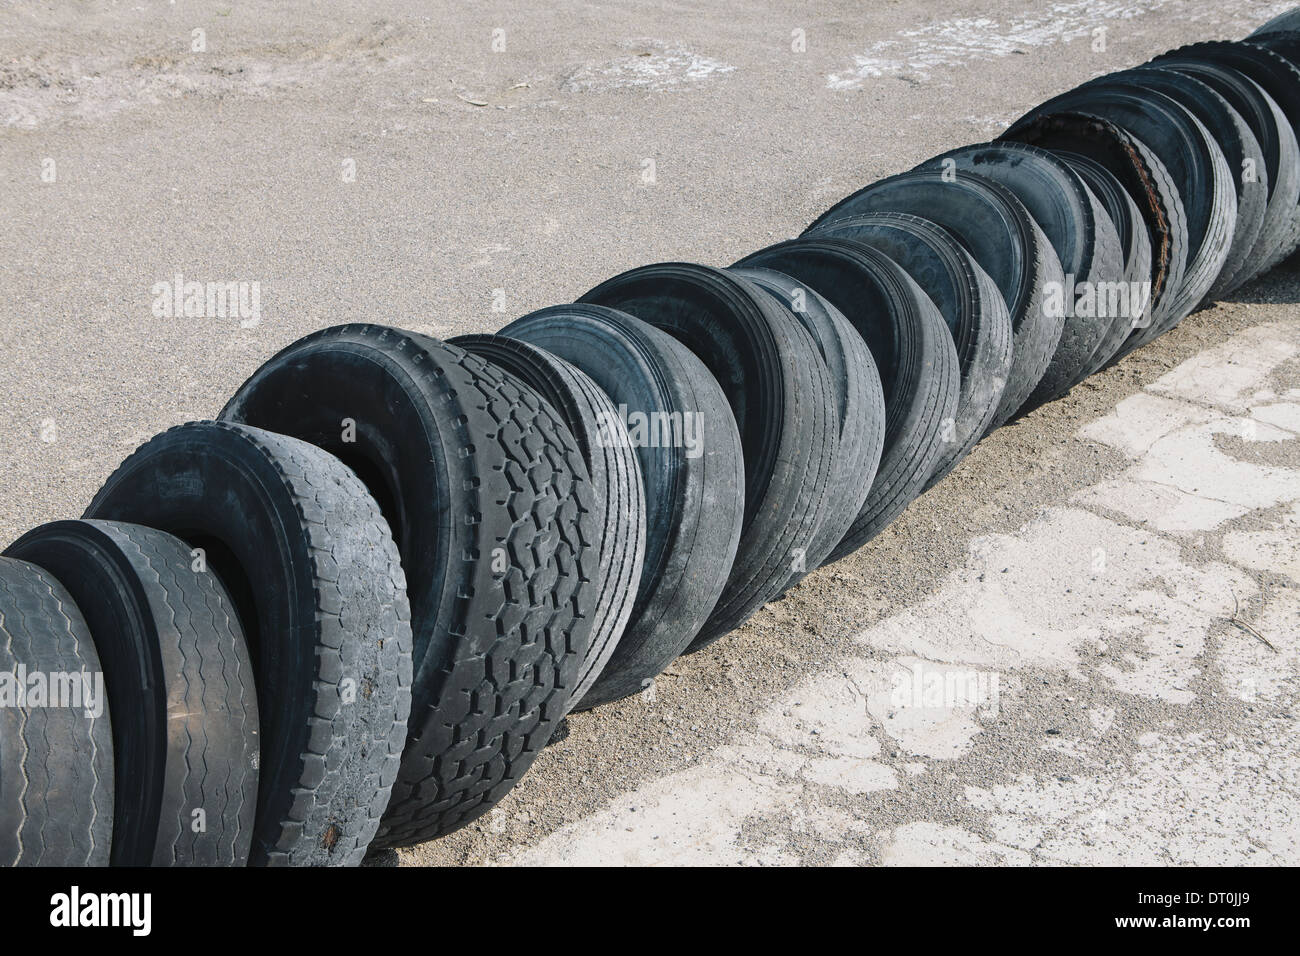 USA Utah fila di pneumatici scartati Immagini Stock